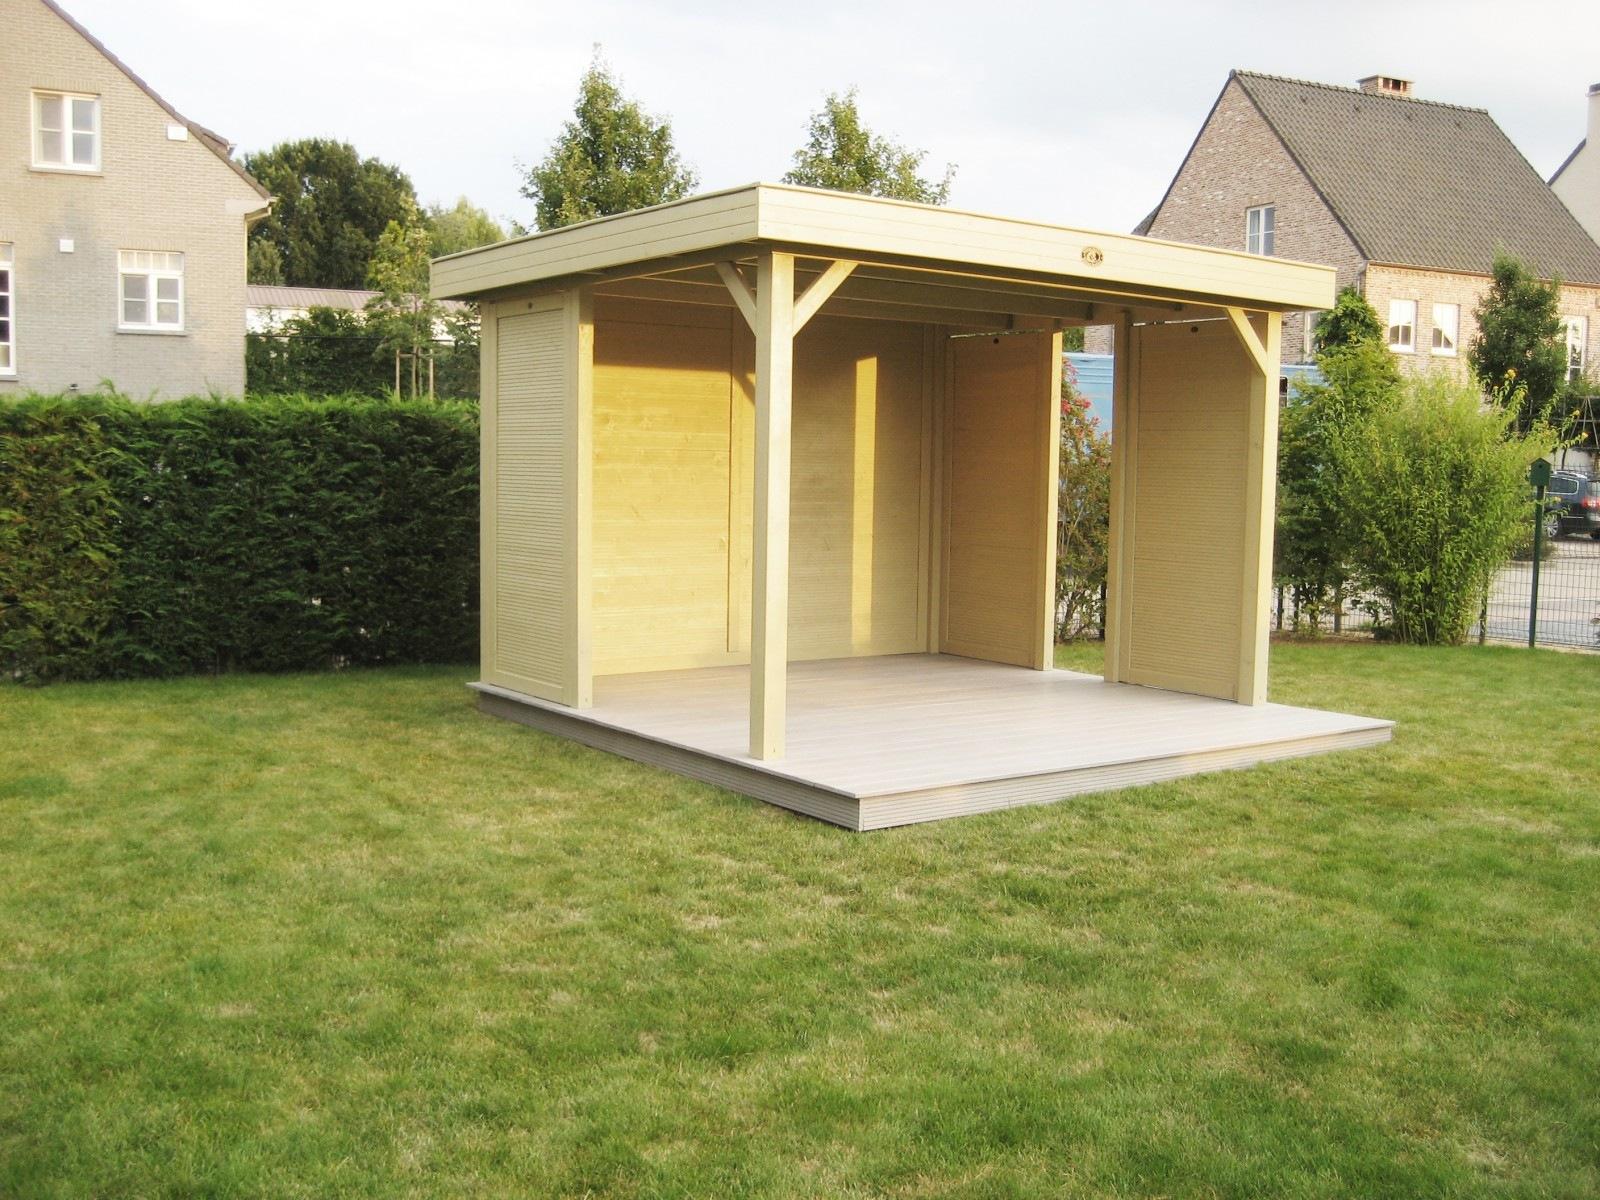 Salon Resine Tressee Leclerc Meilleur De Photos tonnelle De Jardin Leclerc Balancelle Leclerc Salon De Jardin